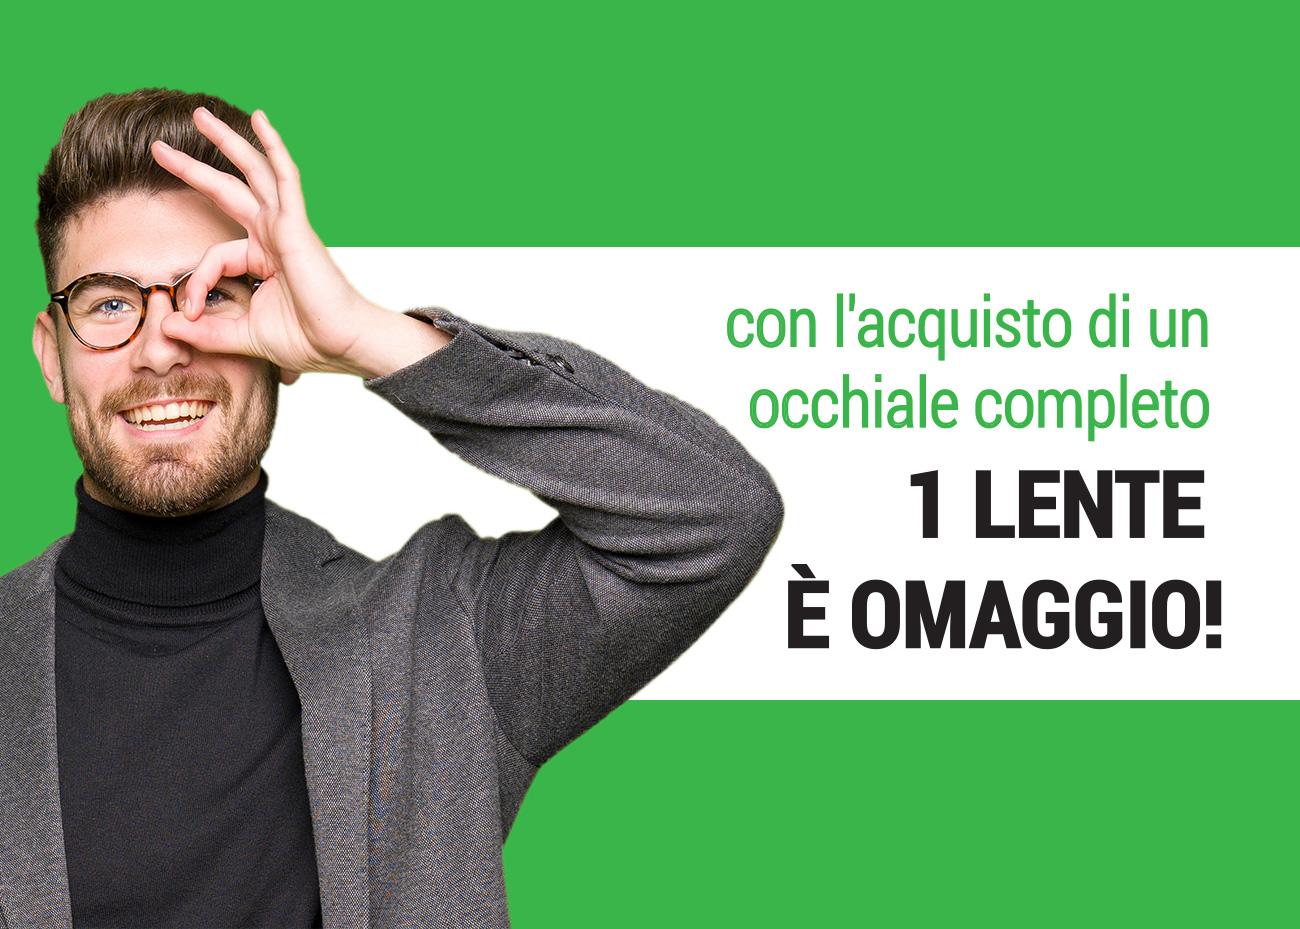 1 lente omaggio, Campagna dei Centri Ottici Associati, Centro Ottico Nonantola